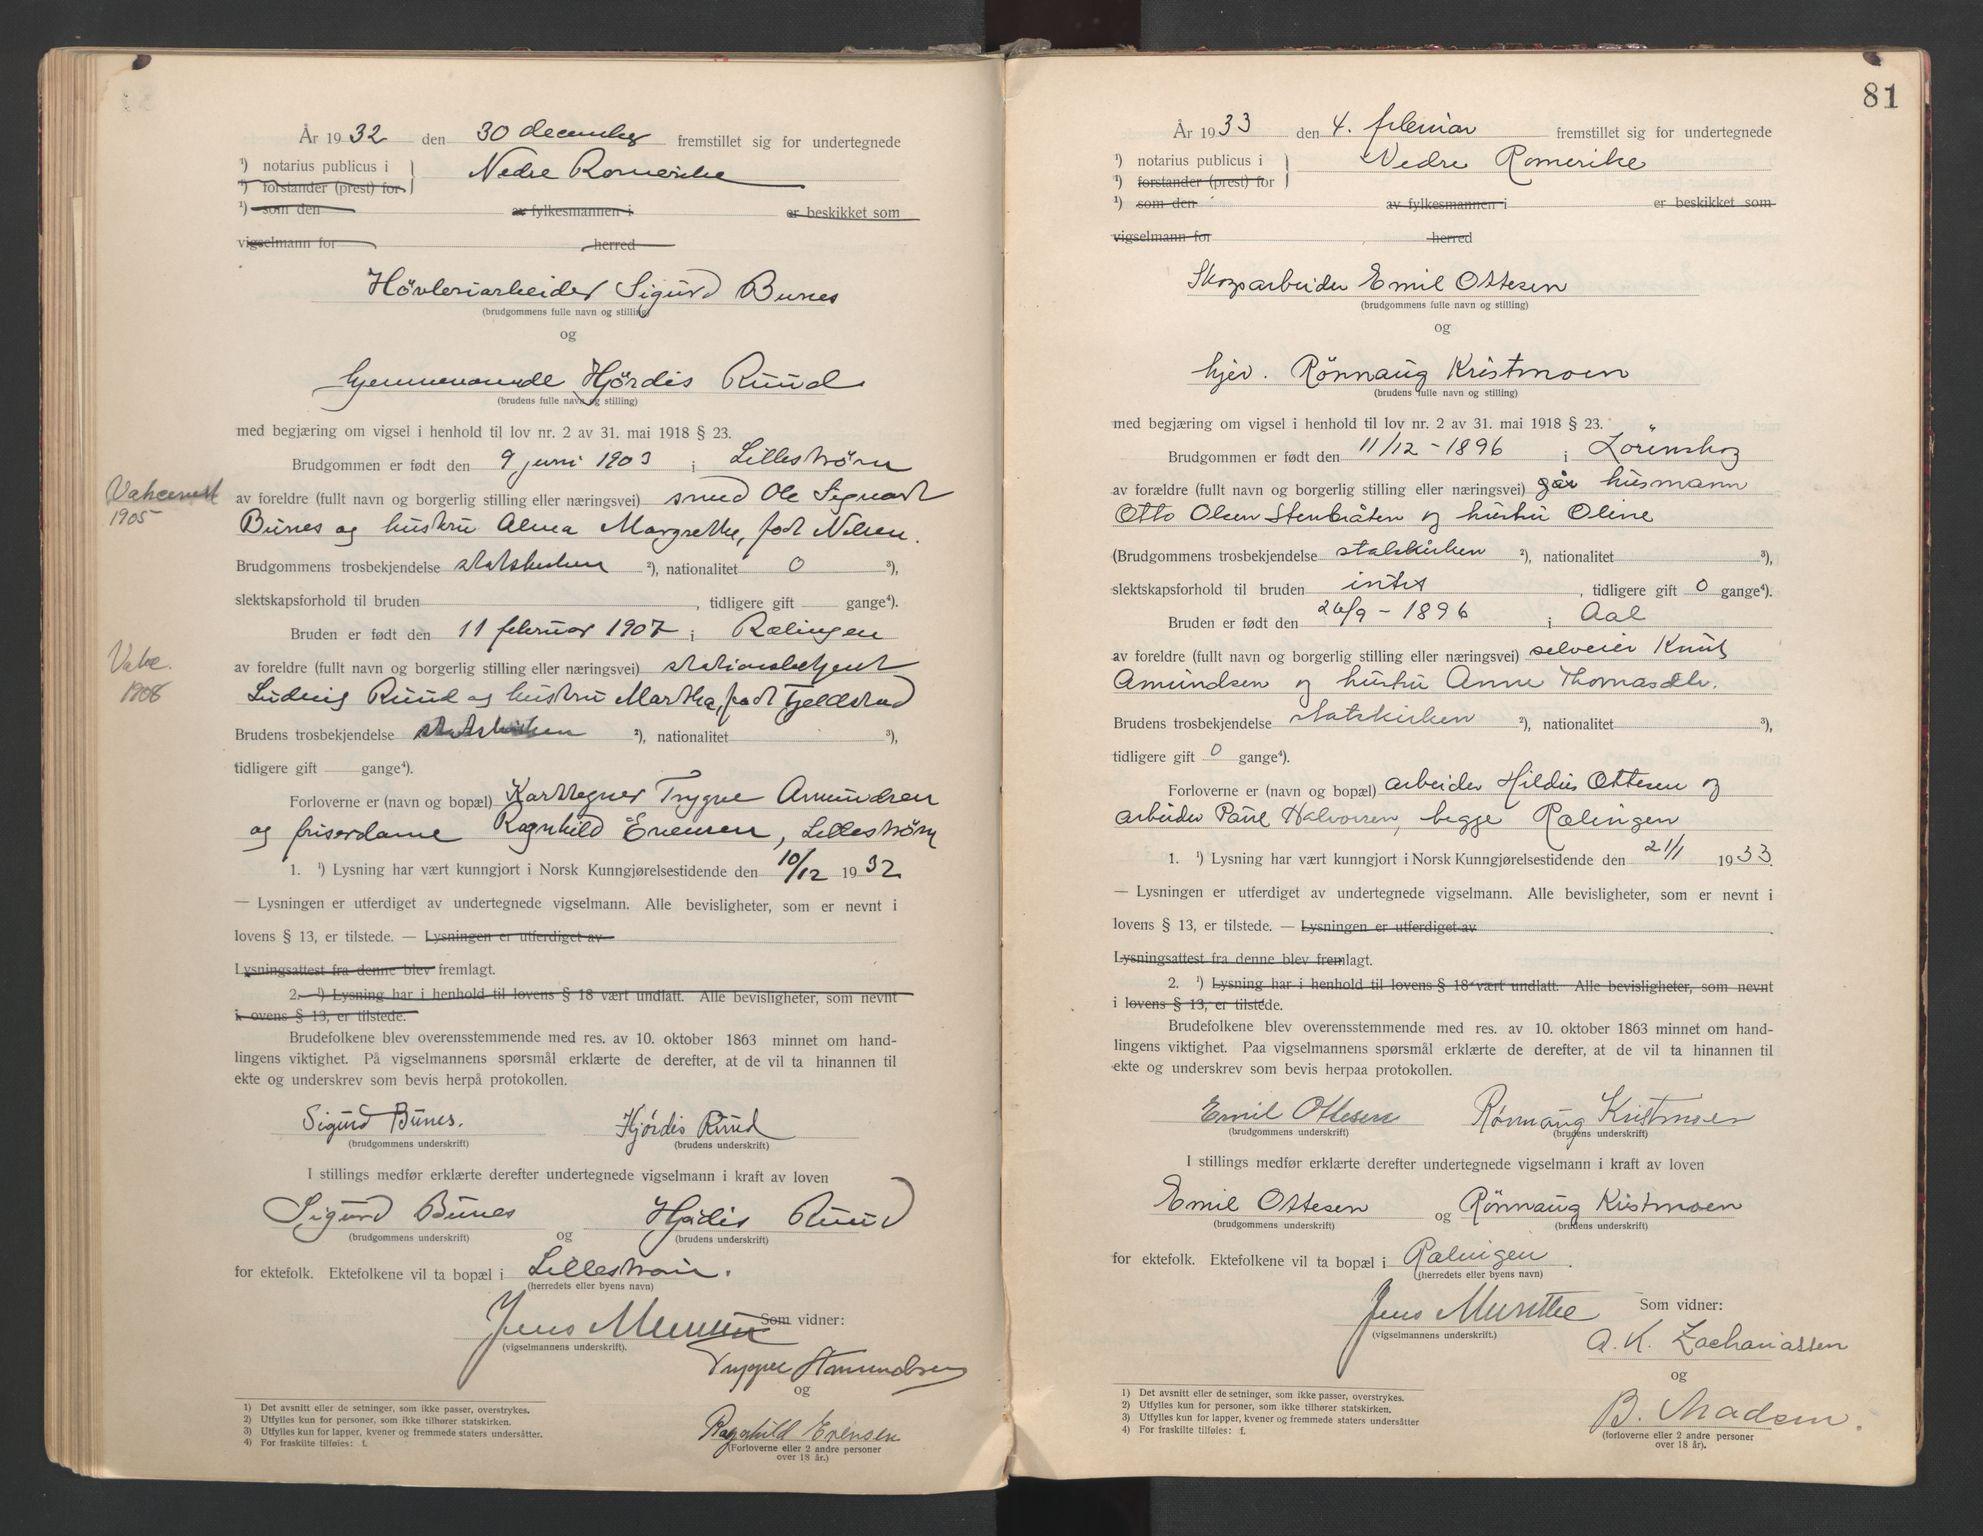 SAO, Nedre Romerike sorenskriveri, L/Lb/L0001: Vigselsbok - borgerlige vielser, 1920-1935, s. 81